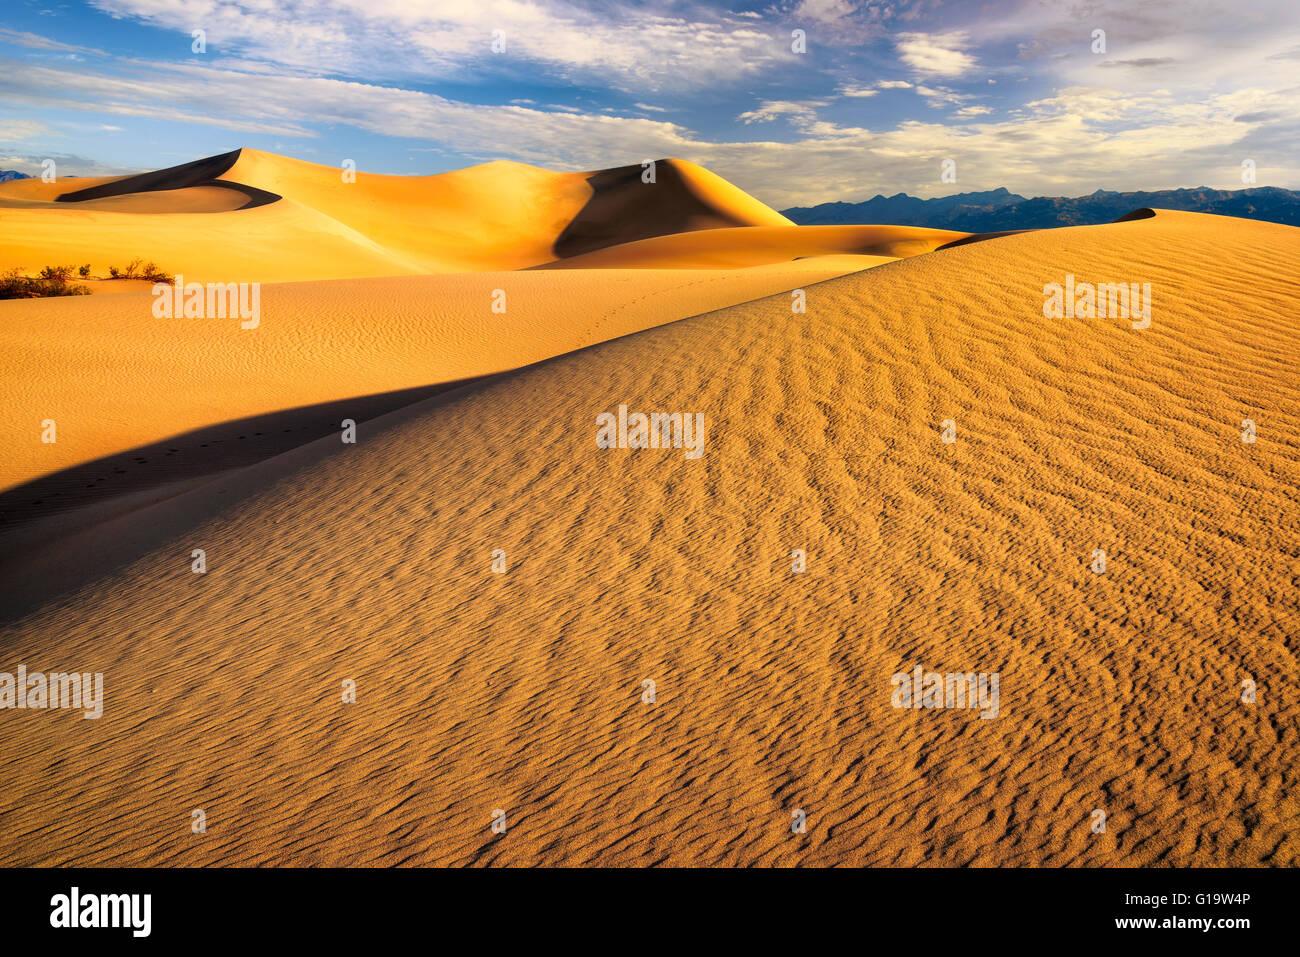 Dunes de sable au lever du soleil. Mesquite Dunes dans la vallée de la mort, Californie Banque D'Images